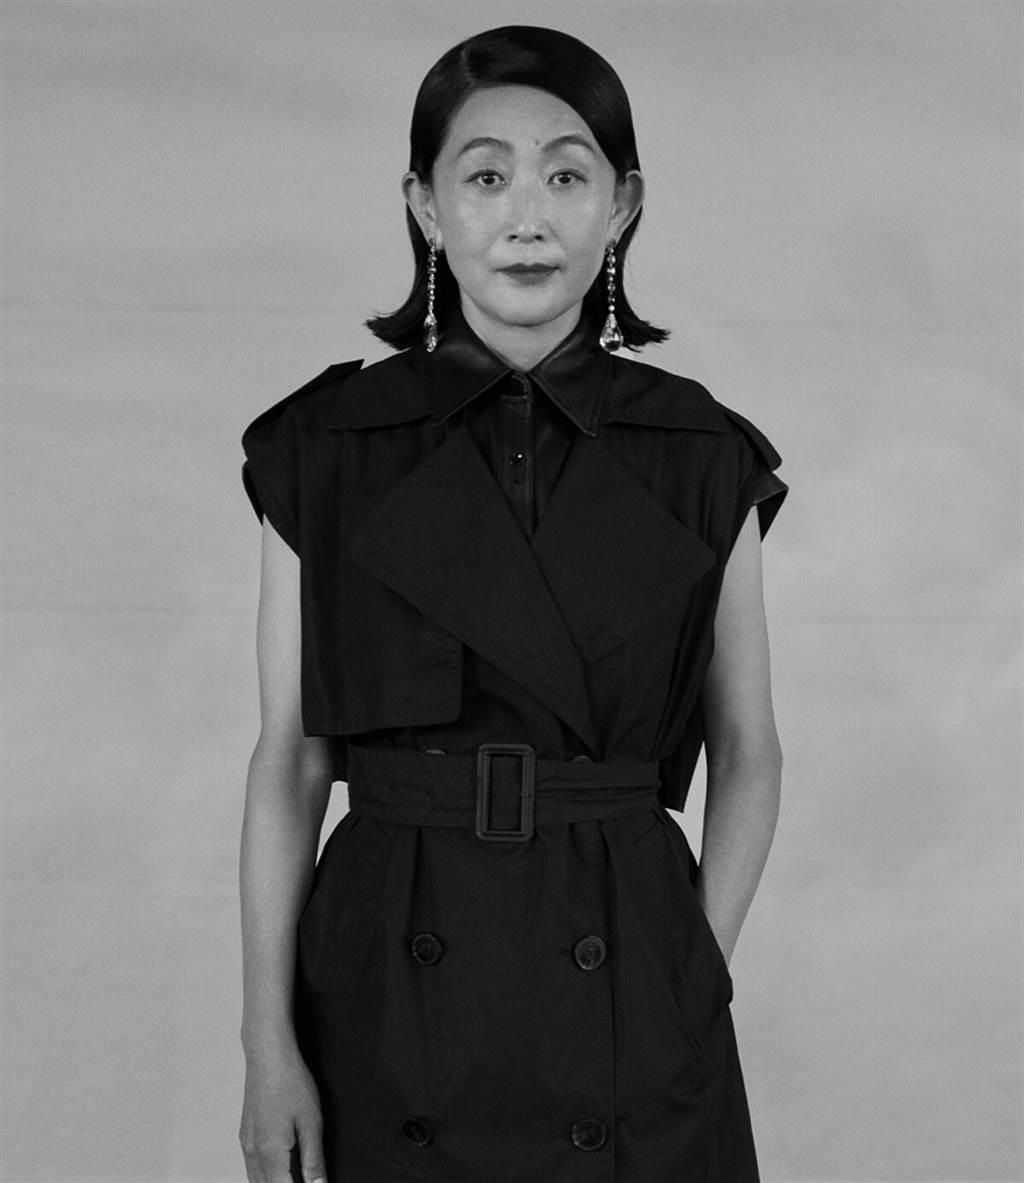 陈瑾今年56岁,儘管不婚不育,现在的她过得相当幸福自在。(图/ 摘自微博)